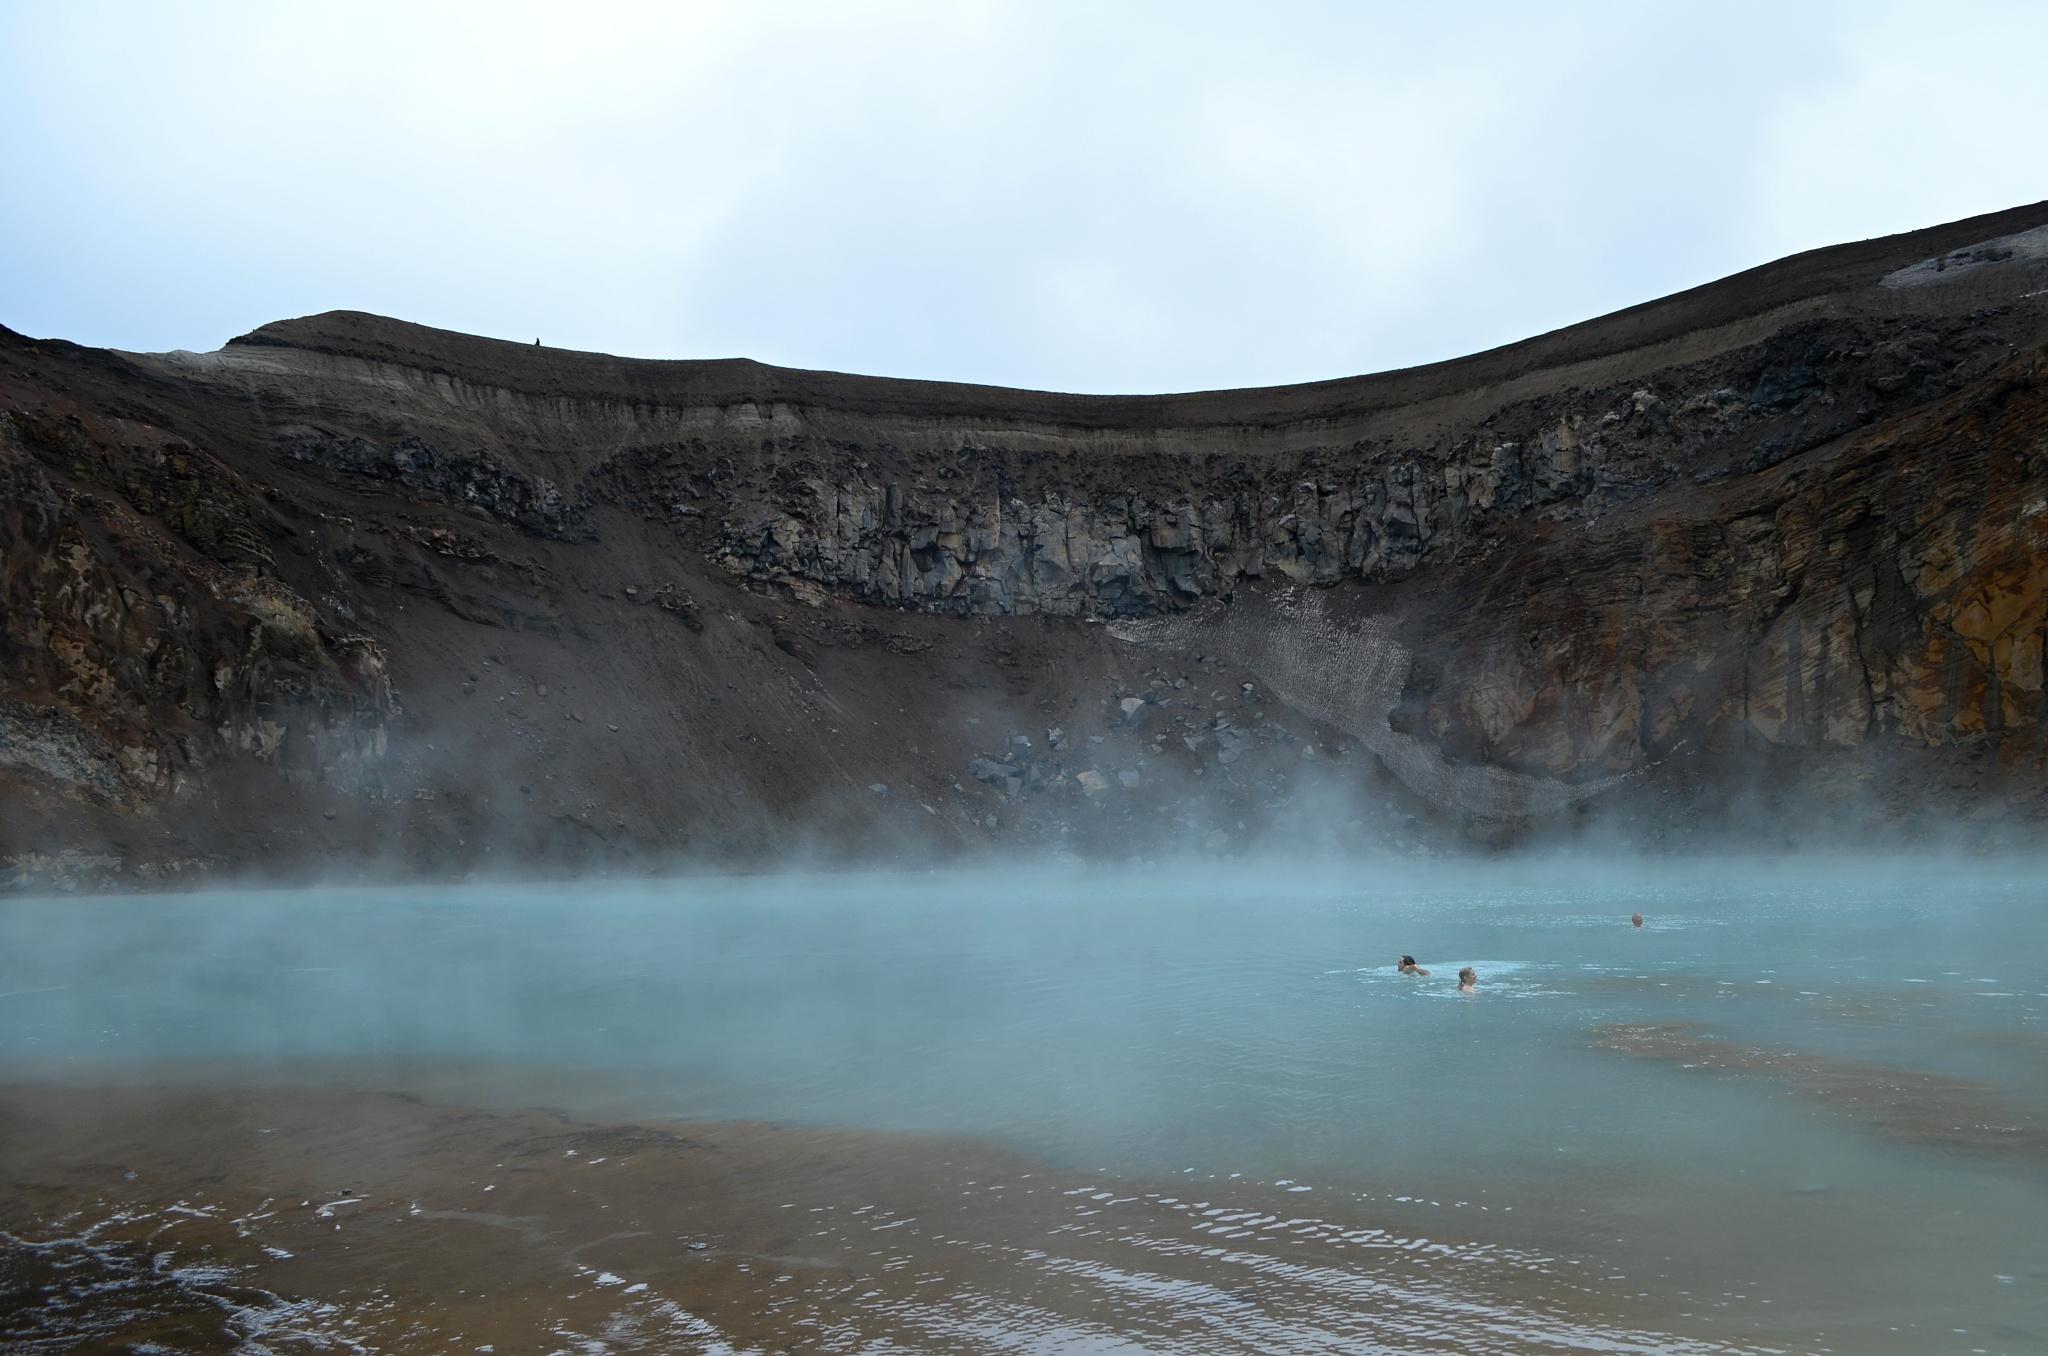 Voda měla velmi příjemnou teplotu